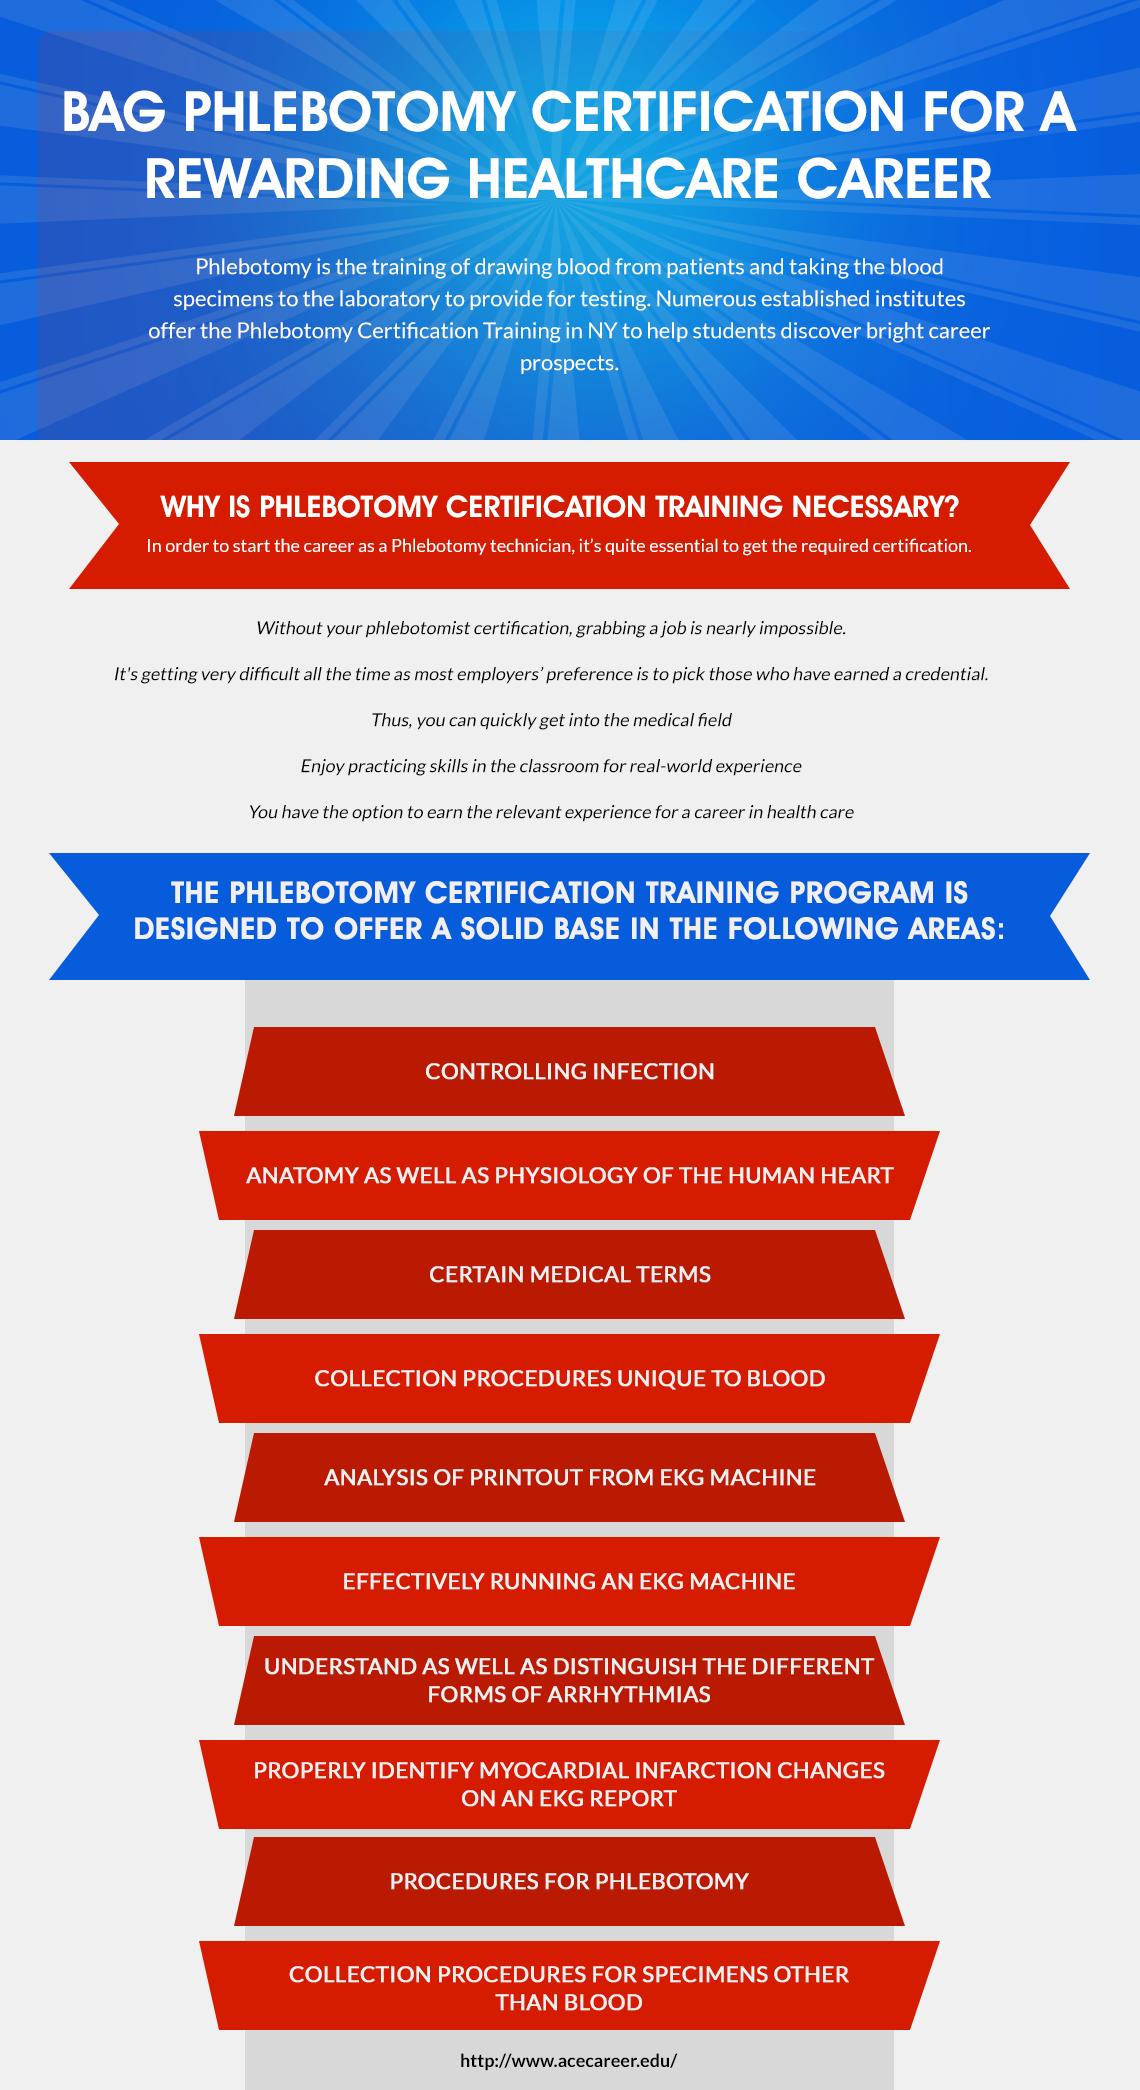 Bag Phlebotomy Certification For A Rewarding Healthcare Career